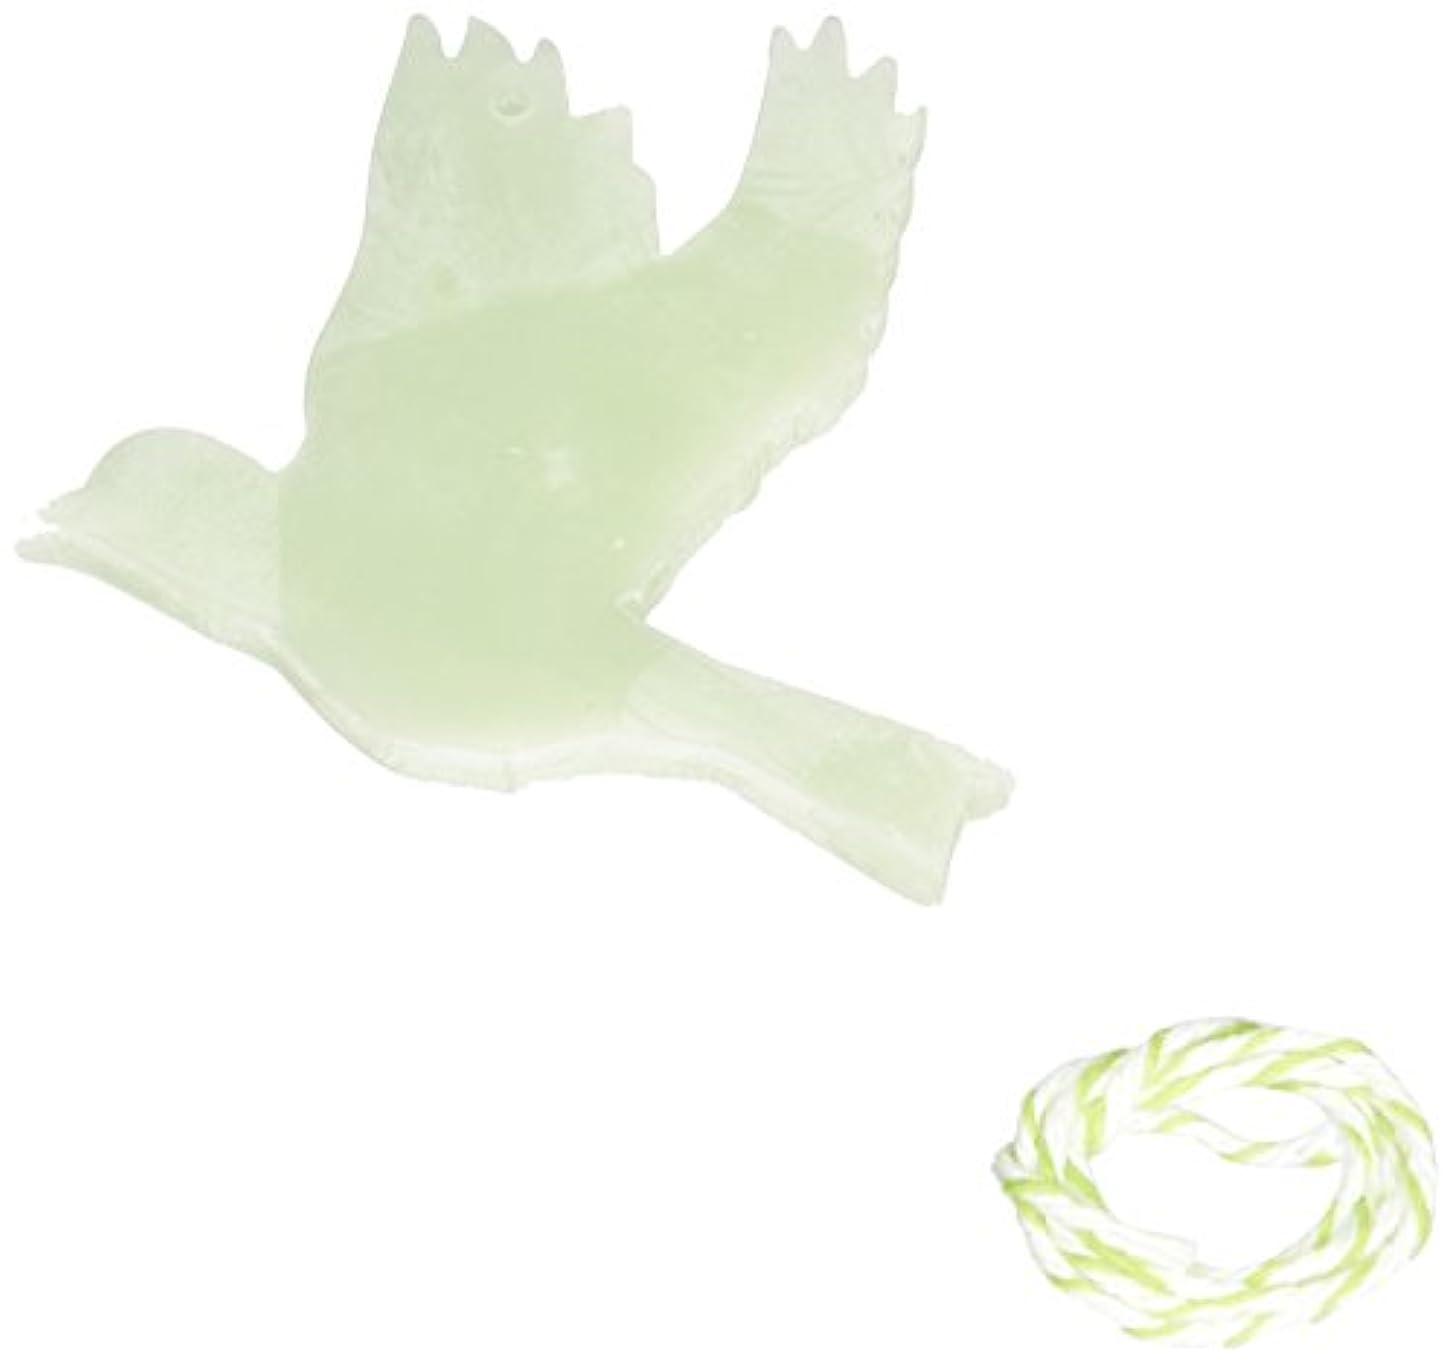 むちゃくちゃ予知直面するGRASSE TOKYO AROMATICWAXチャーム「ハト」(GR) レモングラス アロマティックワックス グラーストウキョウ